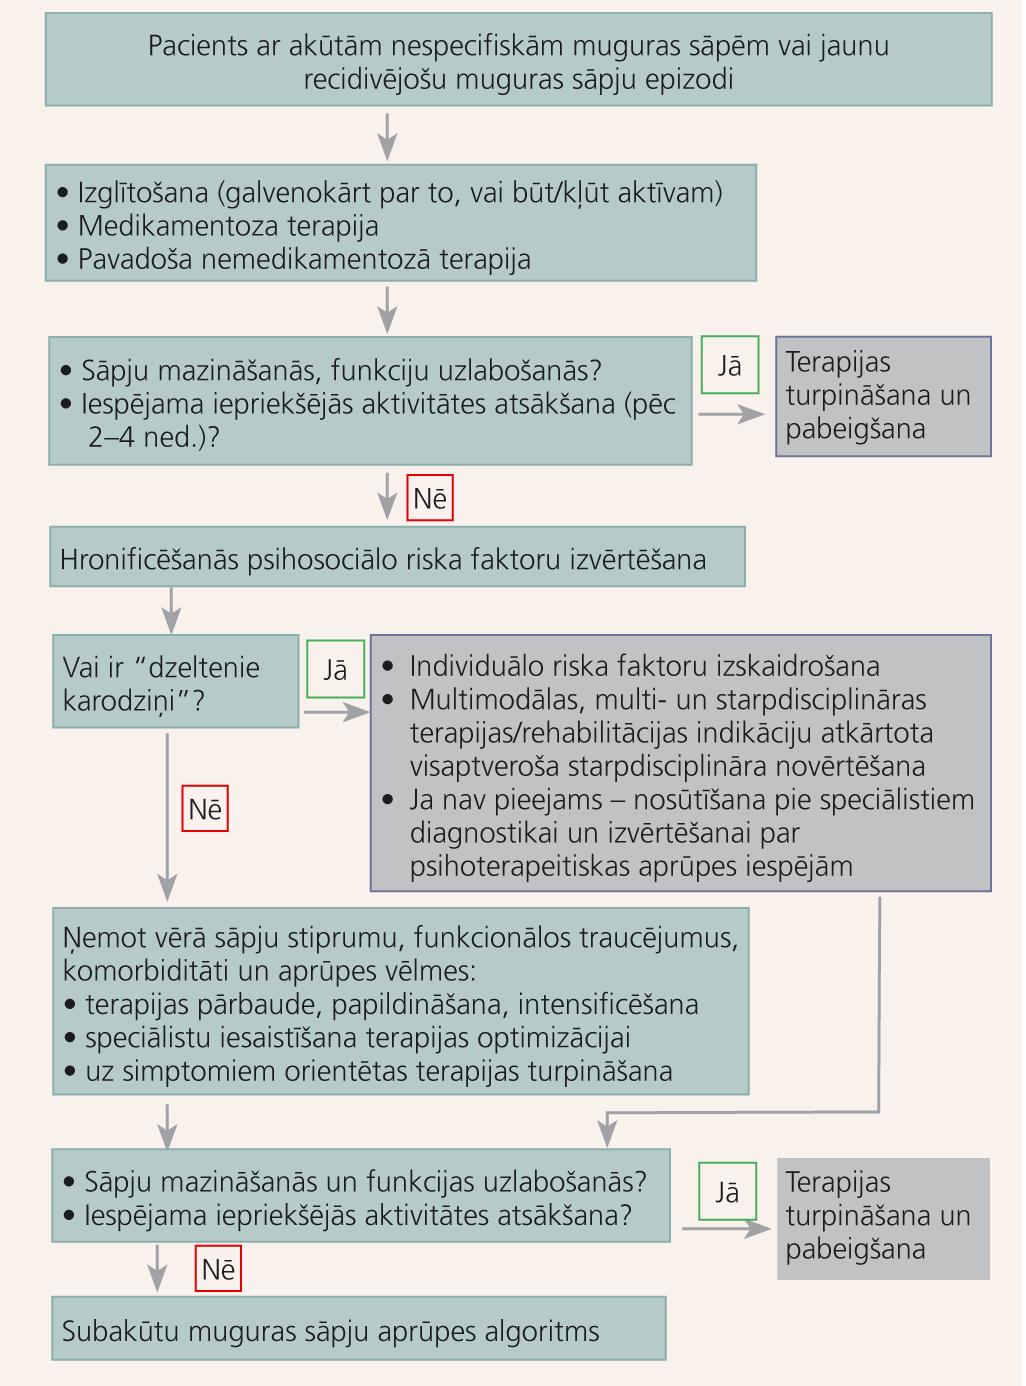 Akūtu nespecifisku muguras sāpju diagnostika un terapija (2–5 nedēļas pēc pirmās konsultācijas)